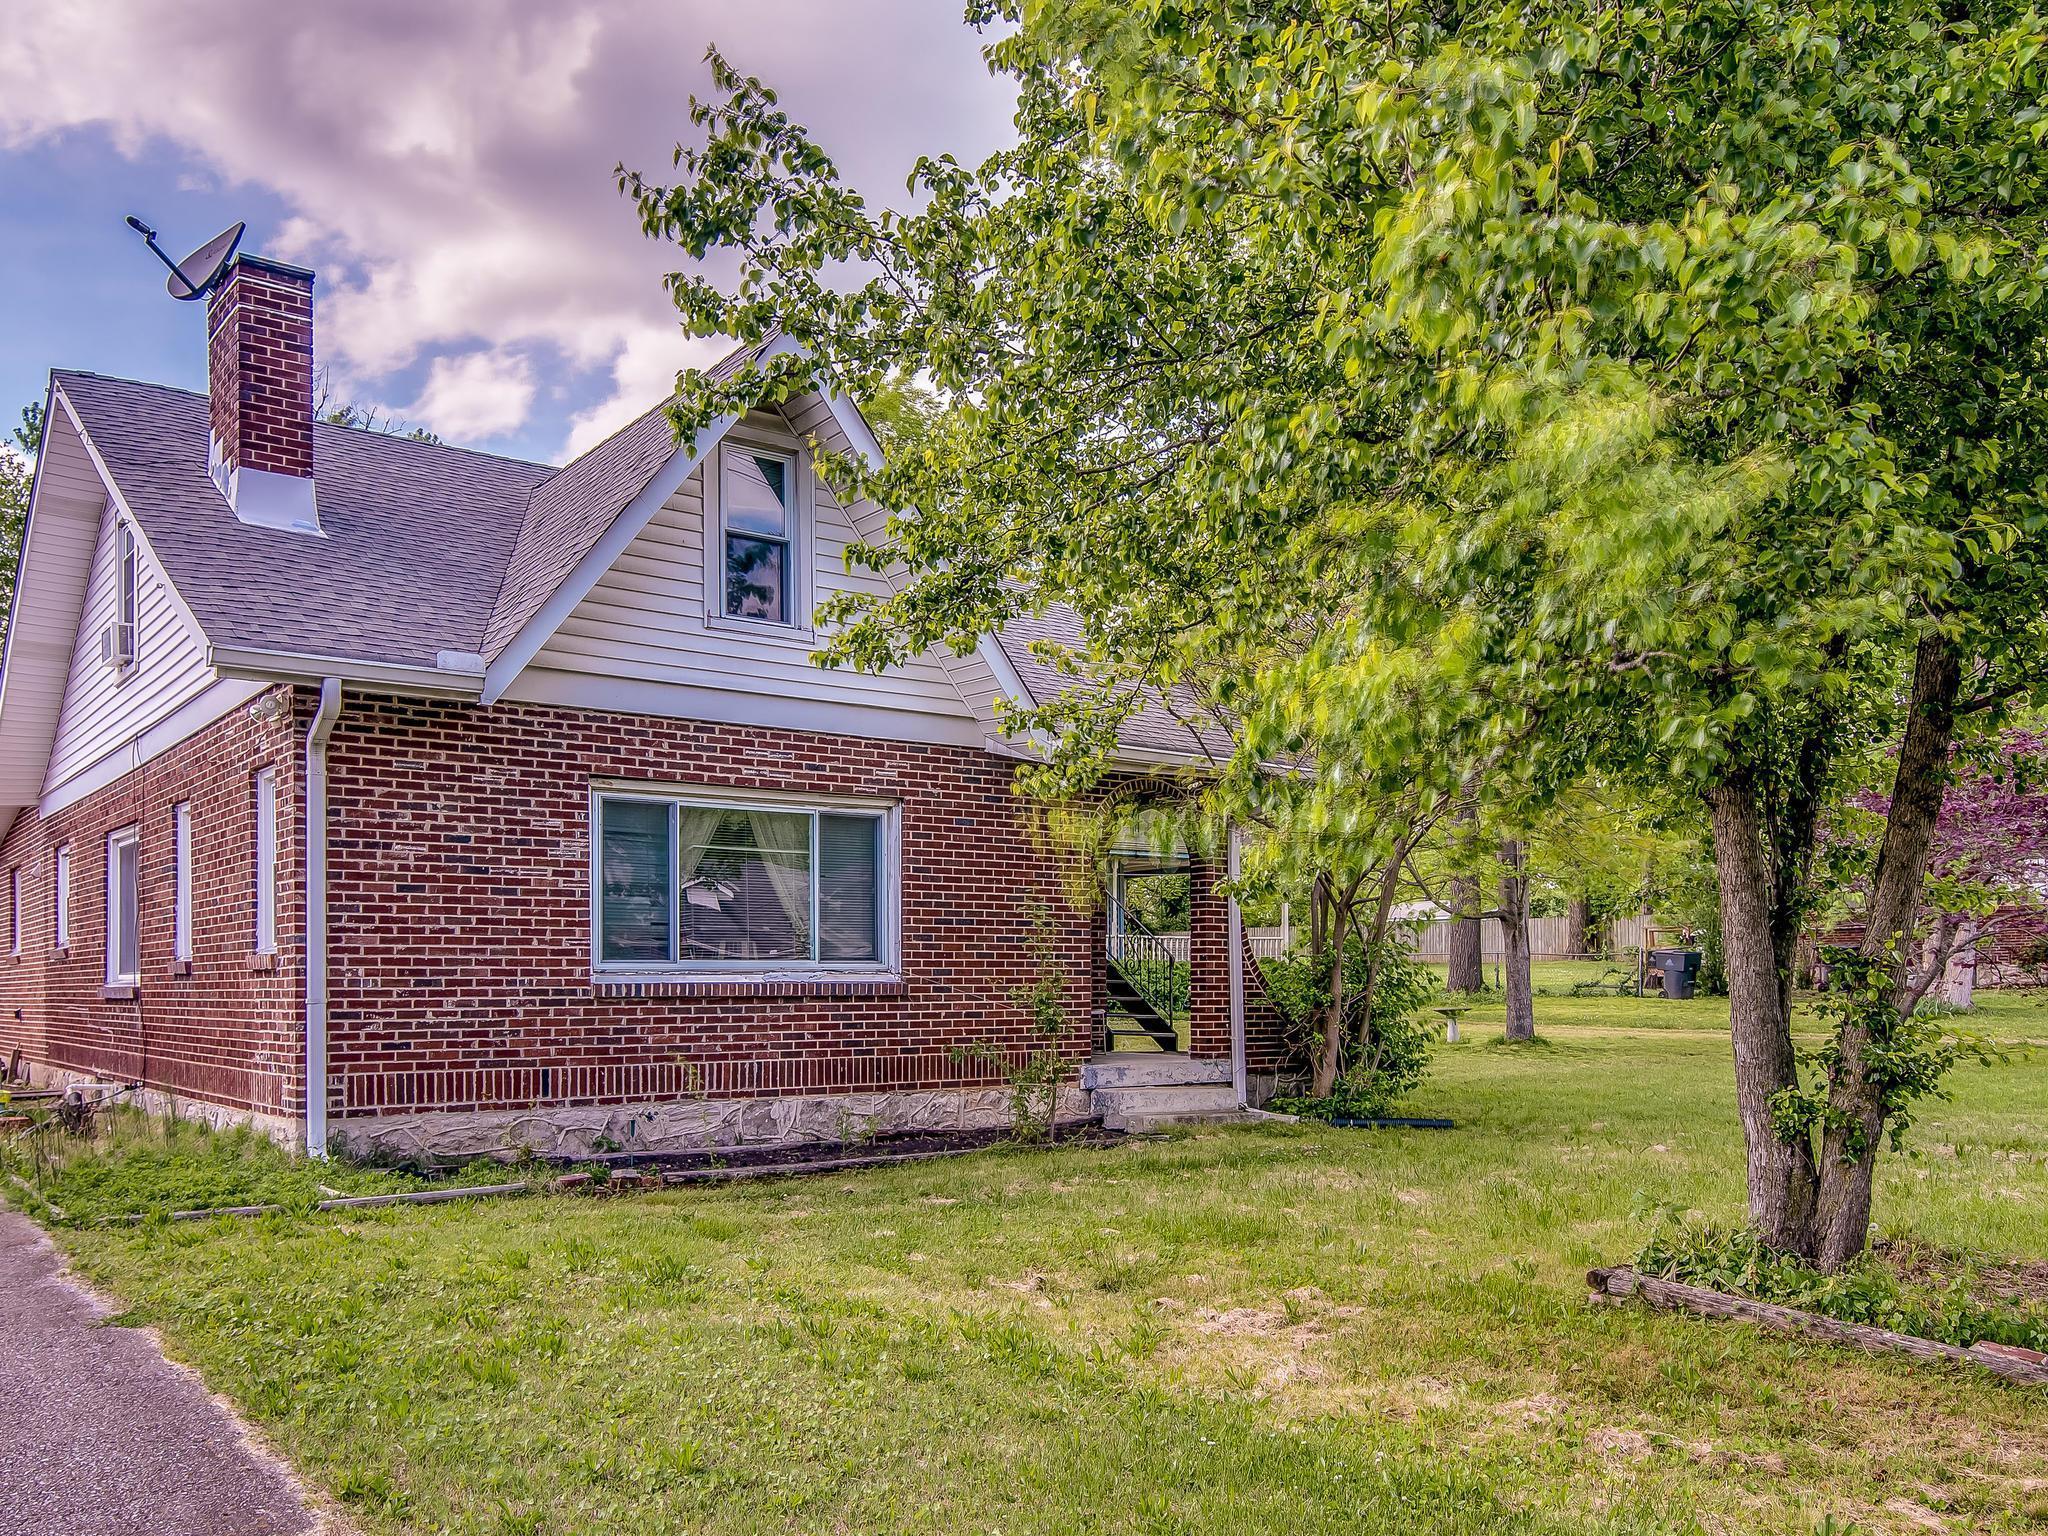 3809 Baxter Ave, Nashville, TN 37216 - Nashville, TN real estate listing